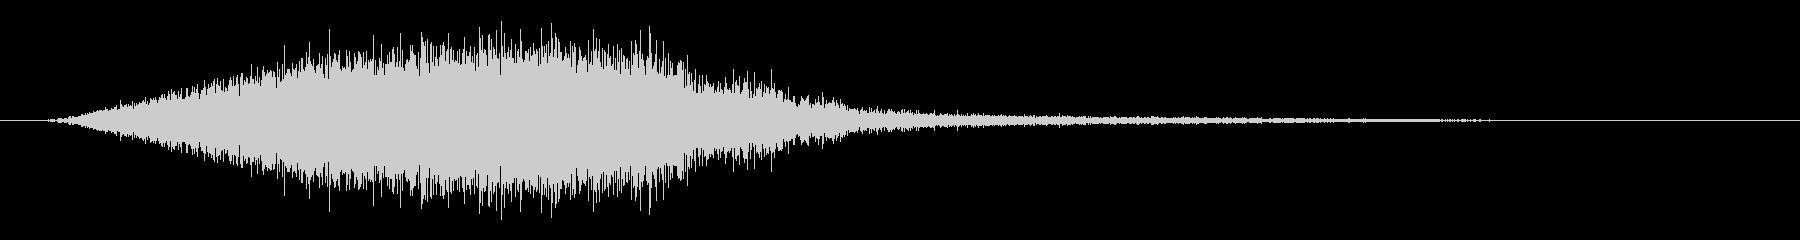 シューッという音EC07_85_1の未再生の波形